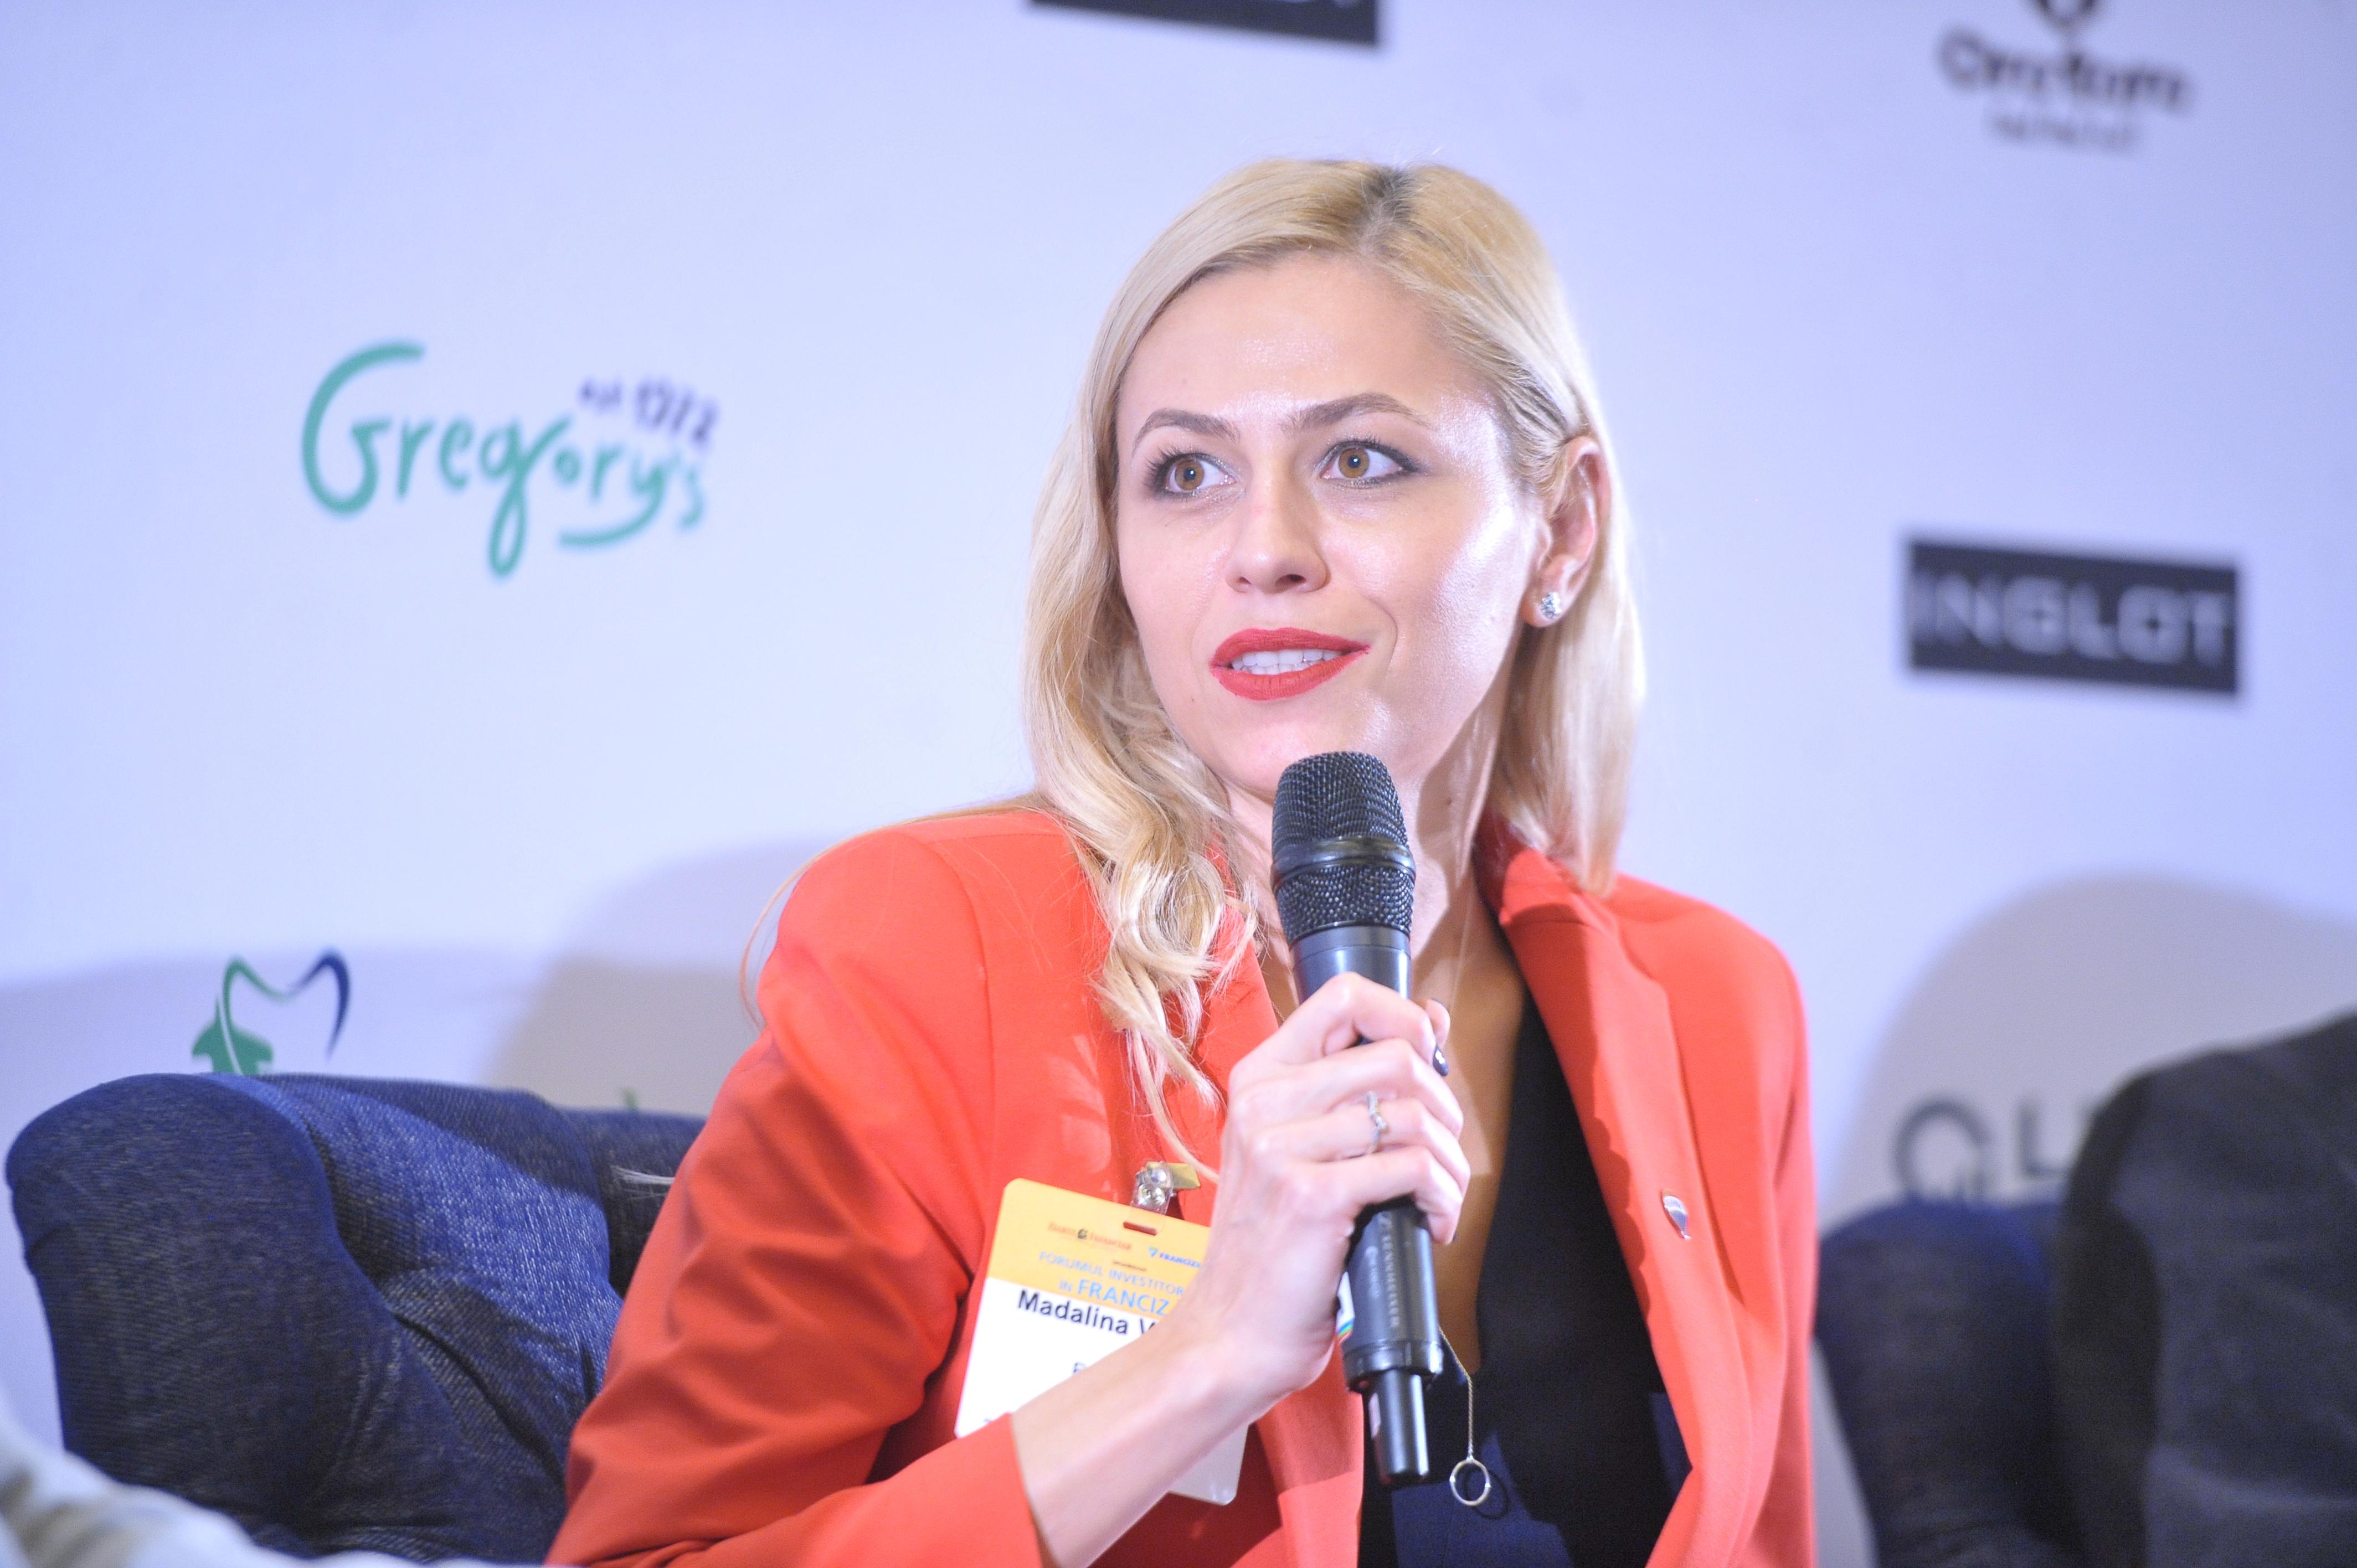 Mădălina Vasile, partener francizat Remax România: Cea mai mare provocare e să găseşti oamenii, să strângi o echipă valoroasă în jurul căreia să construieşti